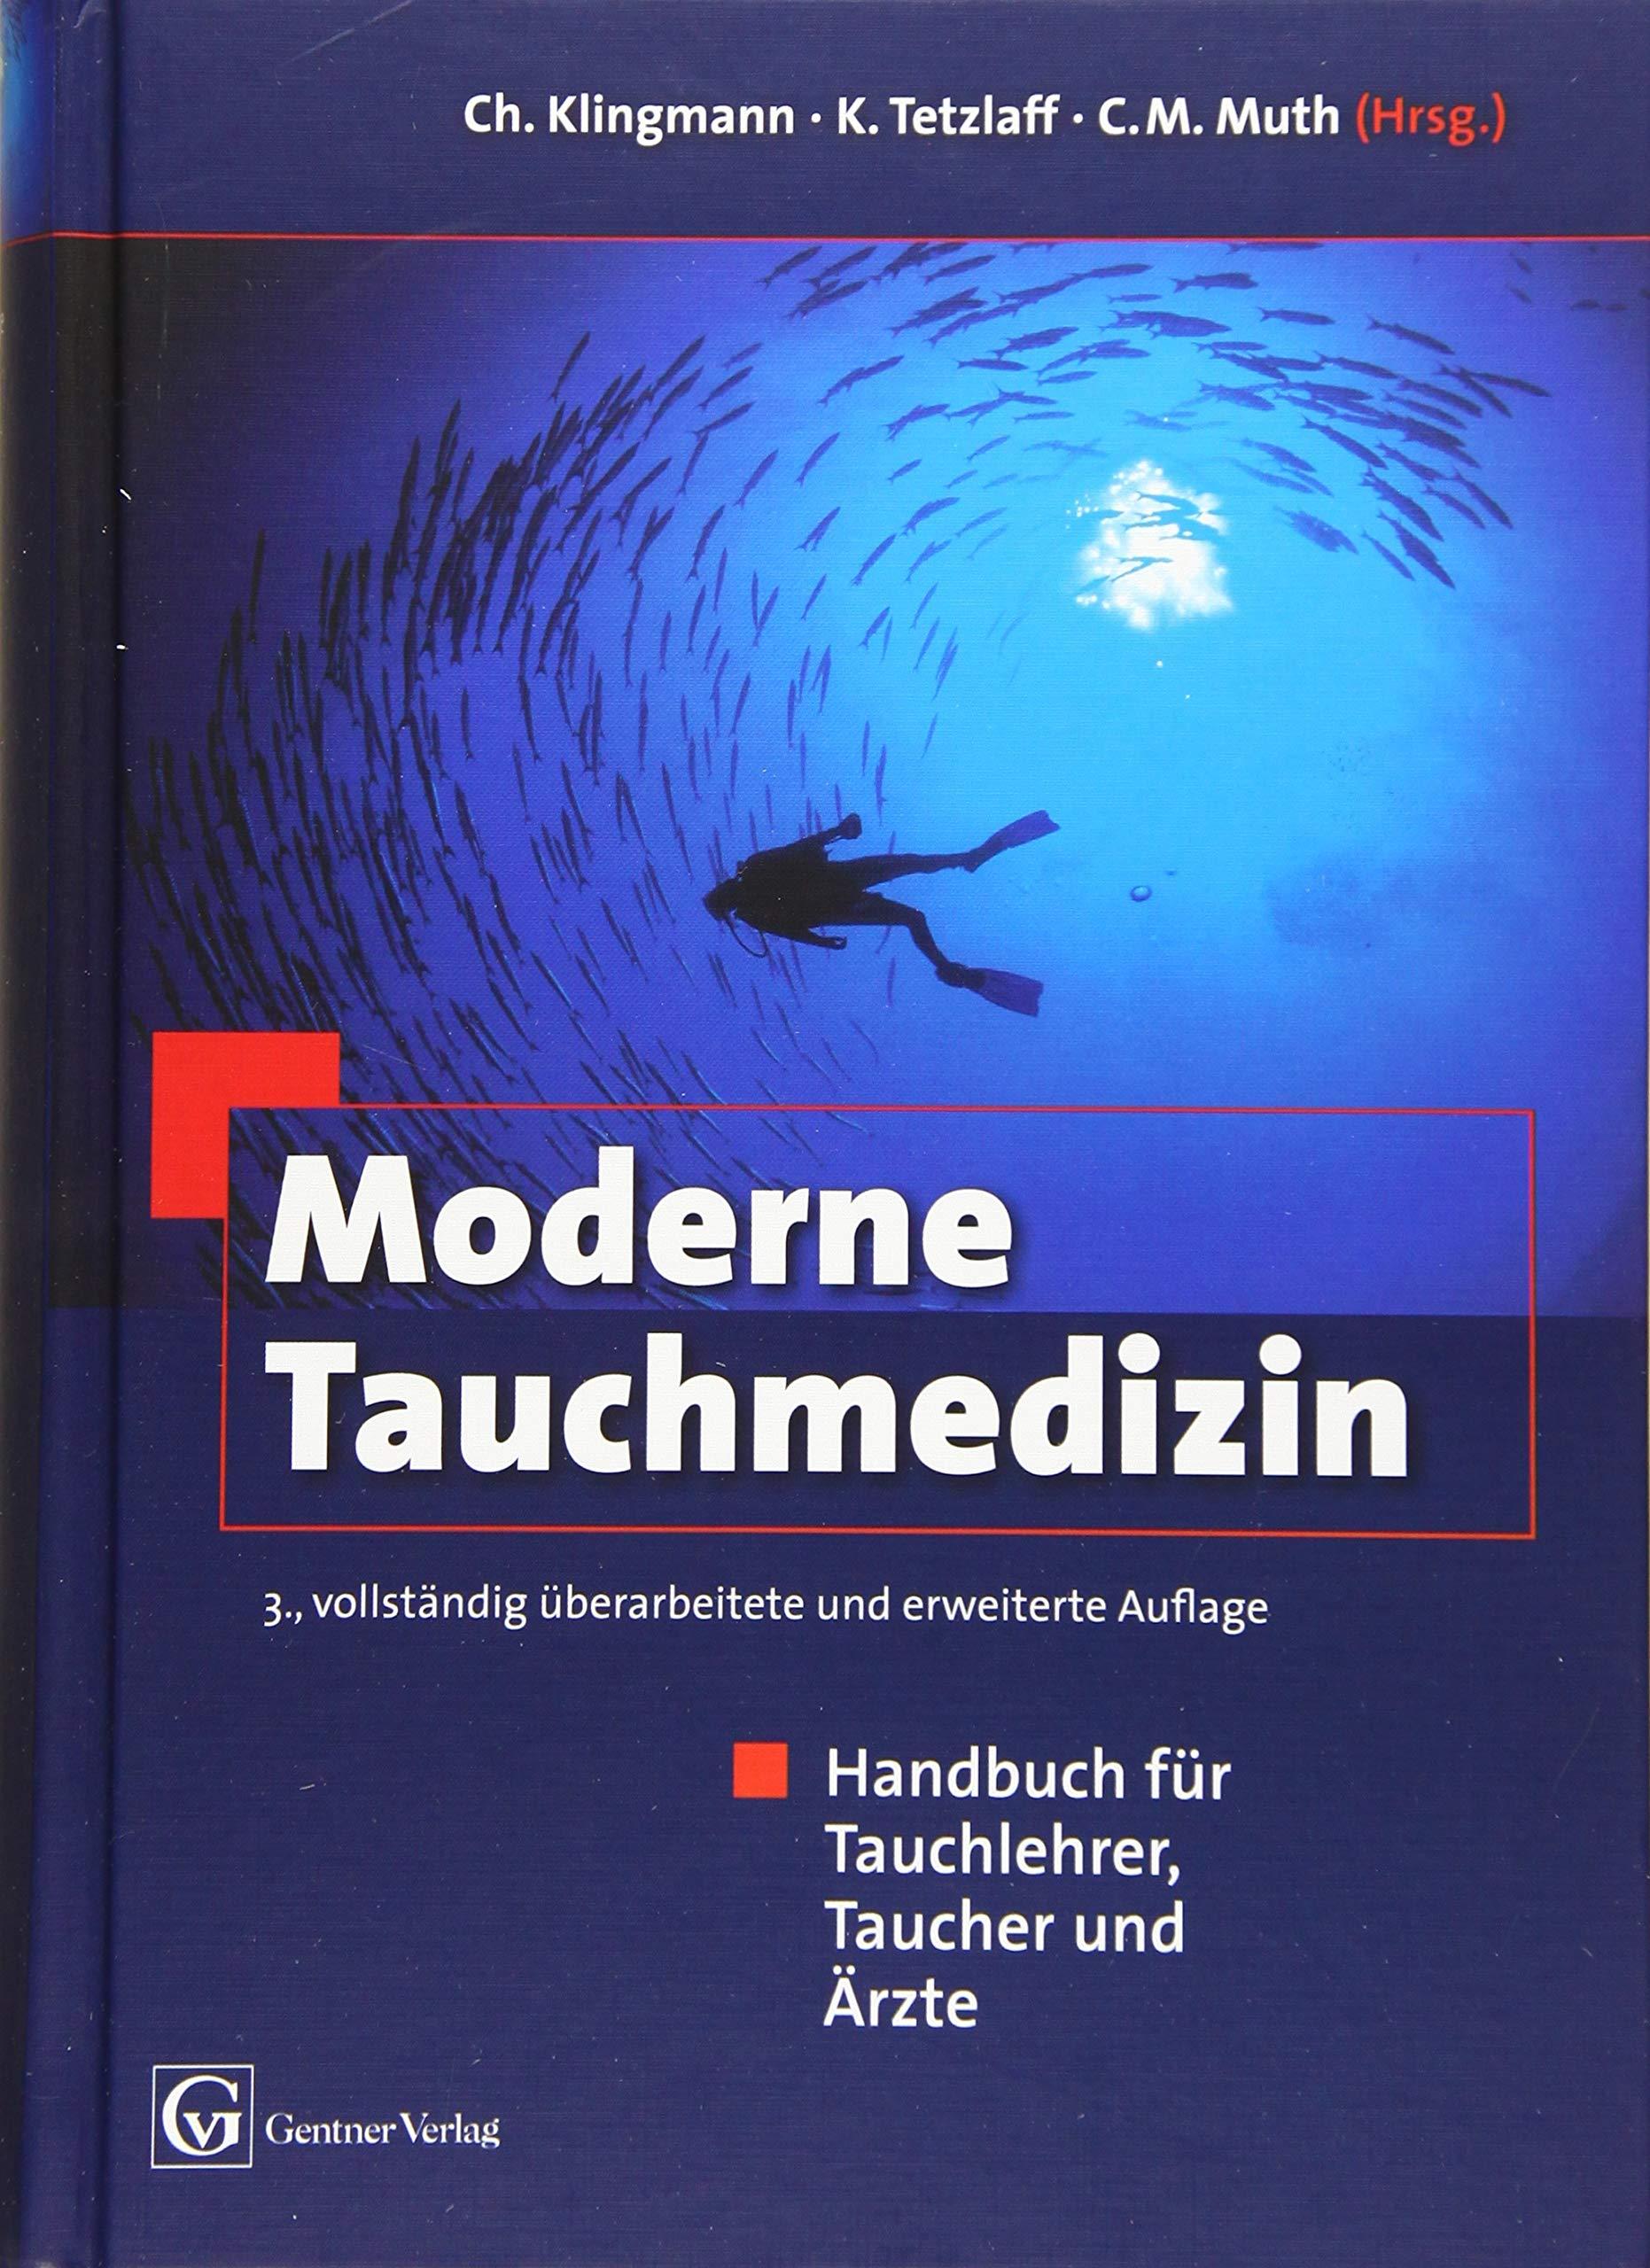 Moderne Tauchmedizin 3. Vollständig überarbeitete Und Erweiterte Auflage  Handbuch Für Tauchlehrer Taucher Und Ärzte